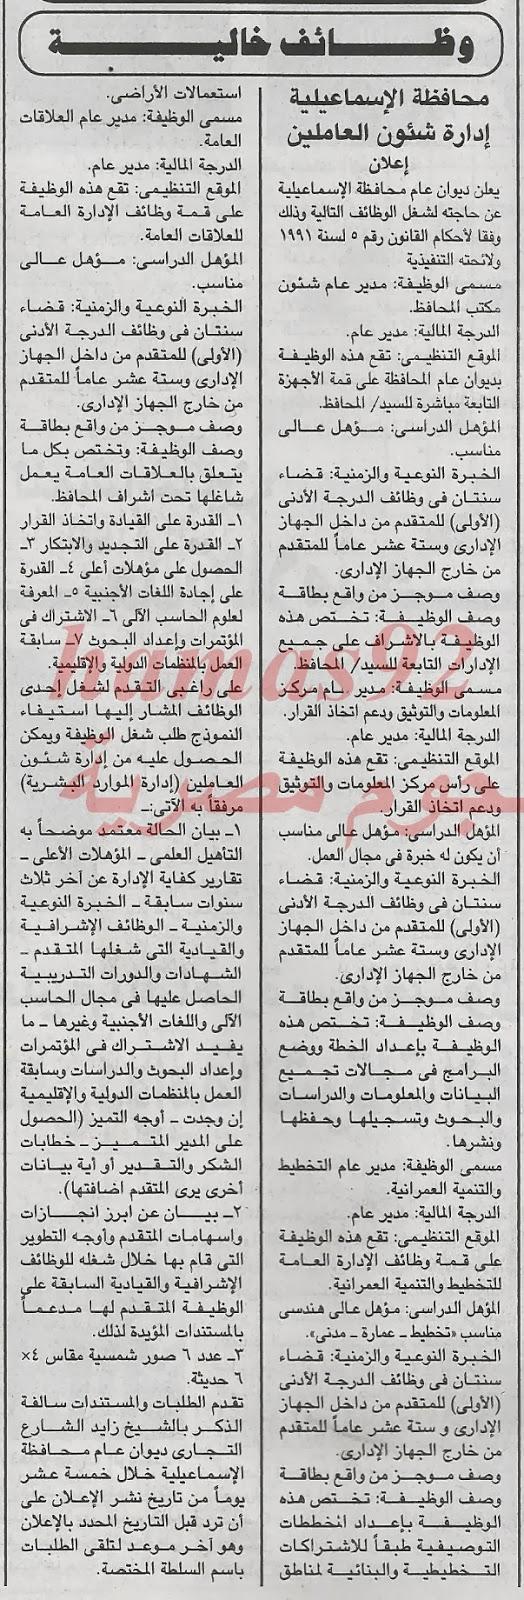 وظائف جريدة الجمهورية اليوم الثلاثاء 17-12-2013